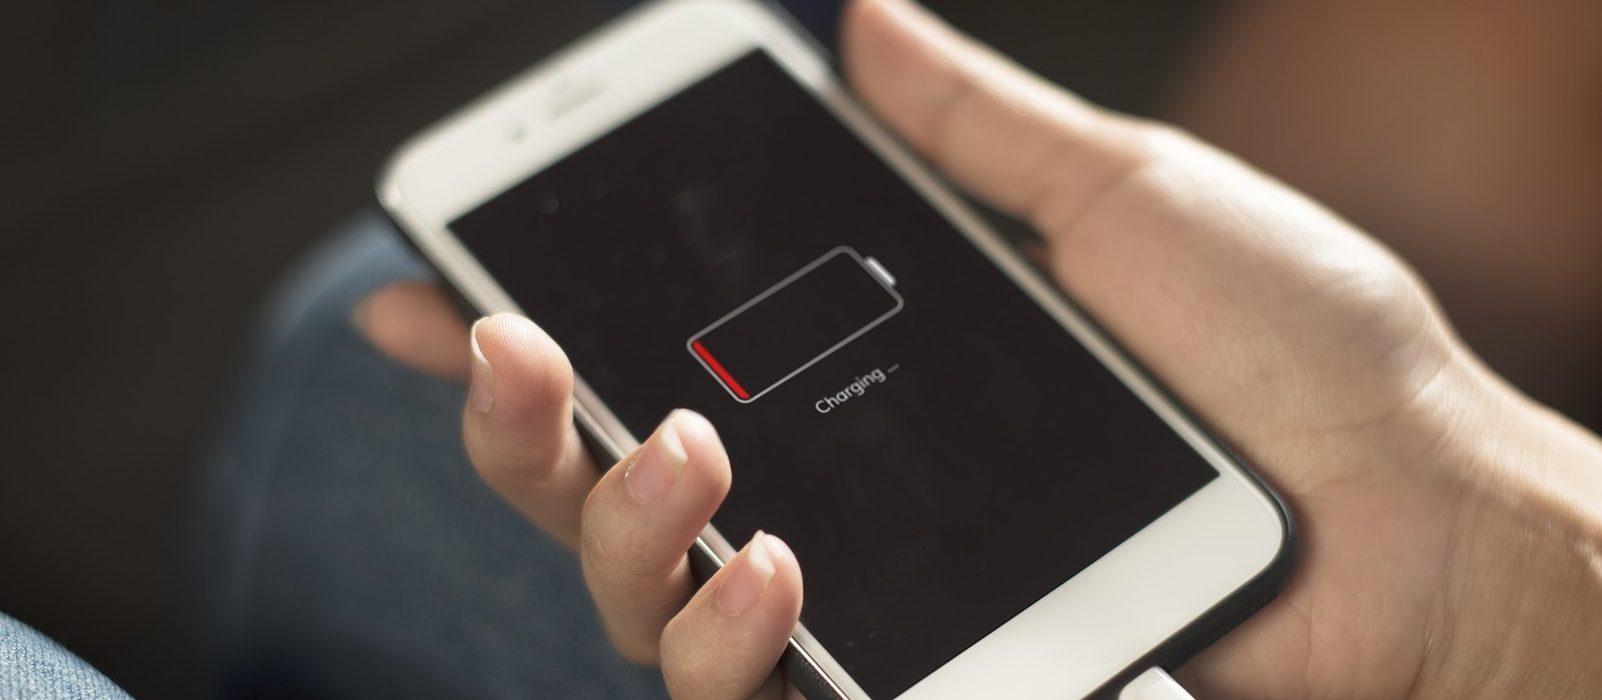 ¿Problemas con la batería de tu móvil? Descubre estas apps de ahorro de batería